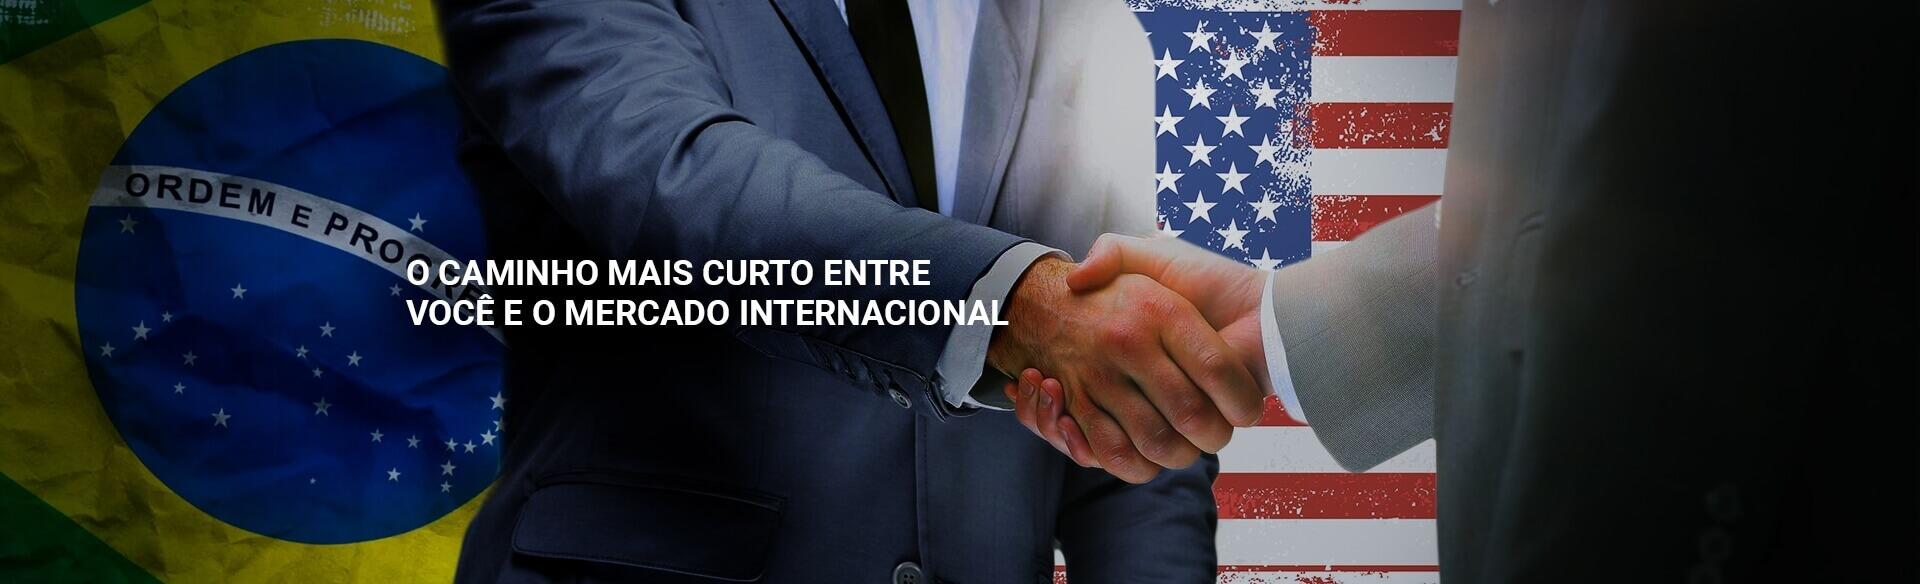 O CAMINHO MAIS CURTO ENTRE VOCE E O MERCADO INTERNACIONAL  - Global Assessoria